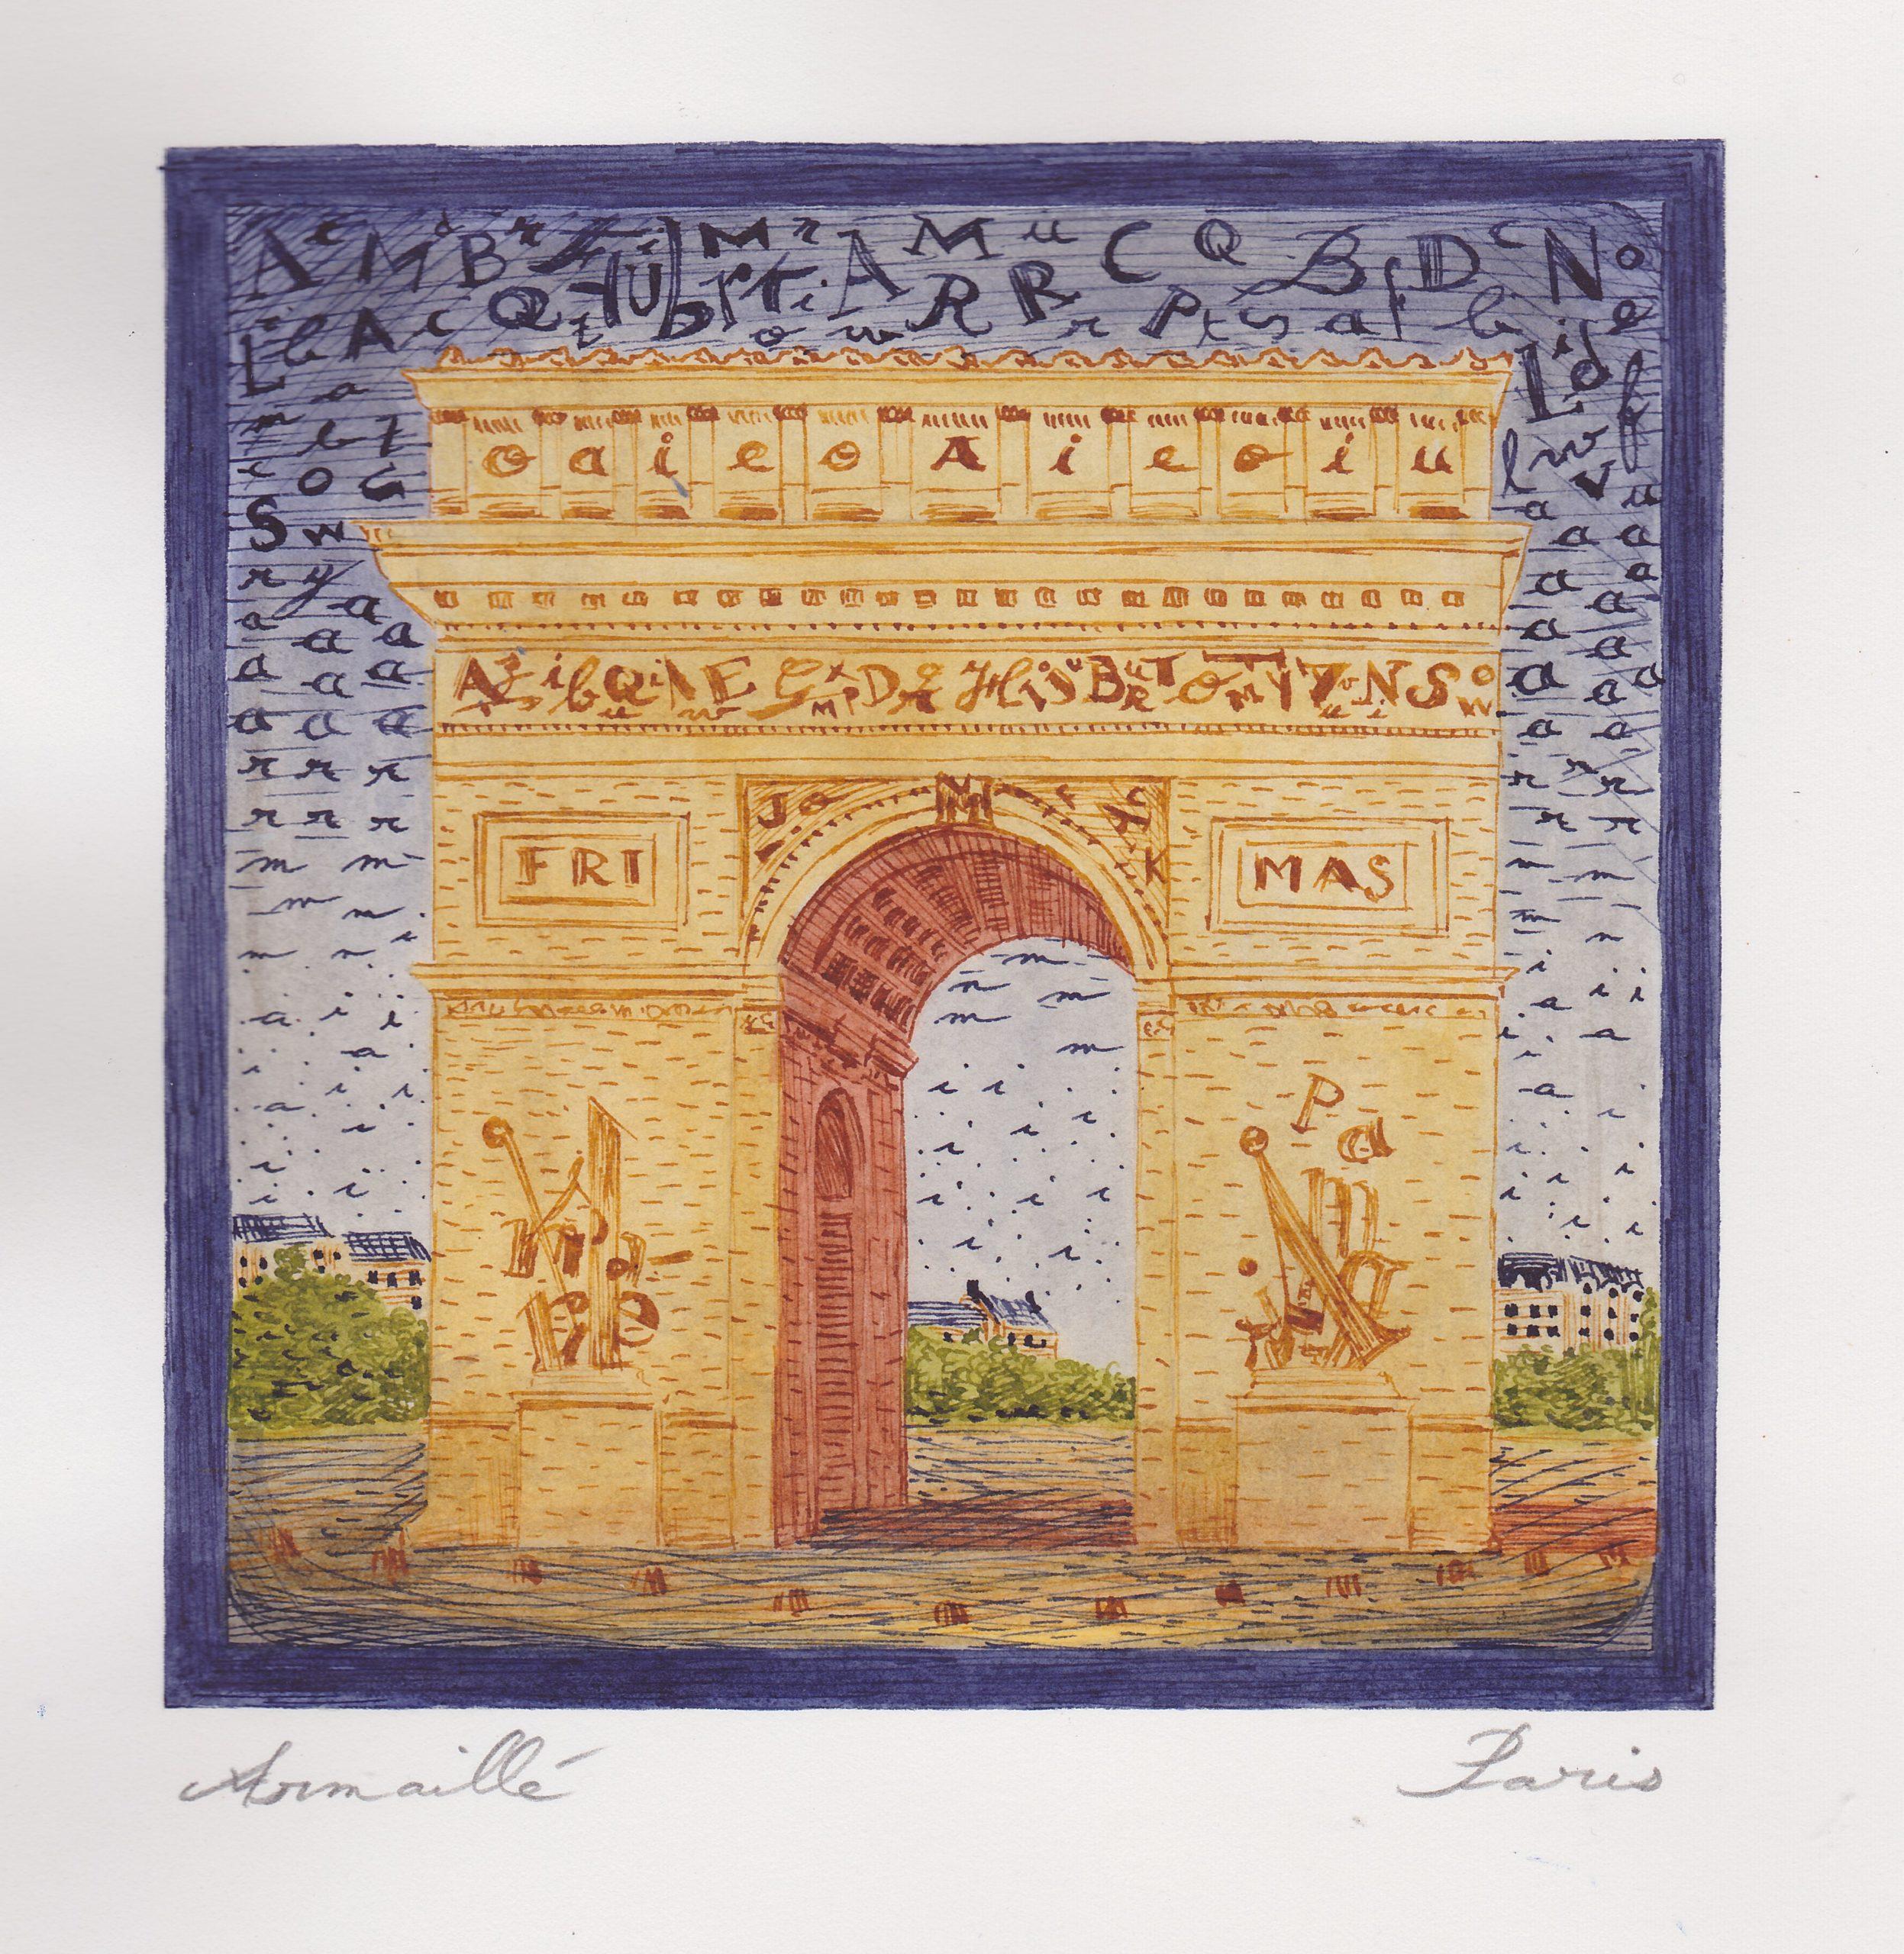 Arc de Triomphe de l'étoile recadre